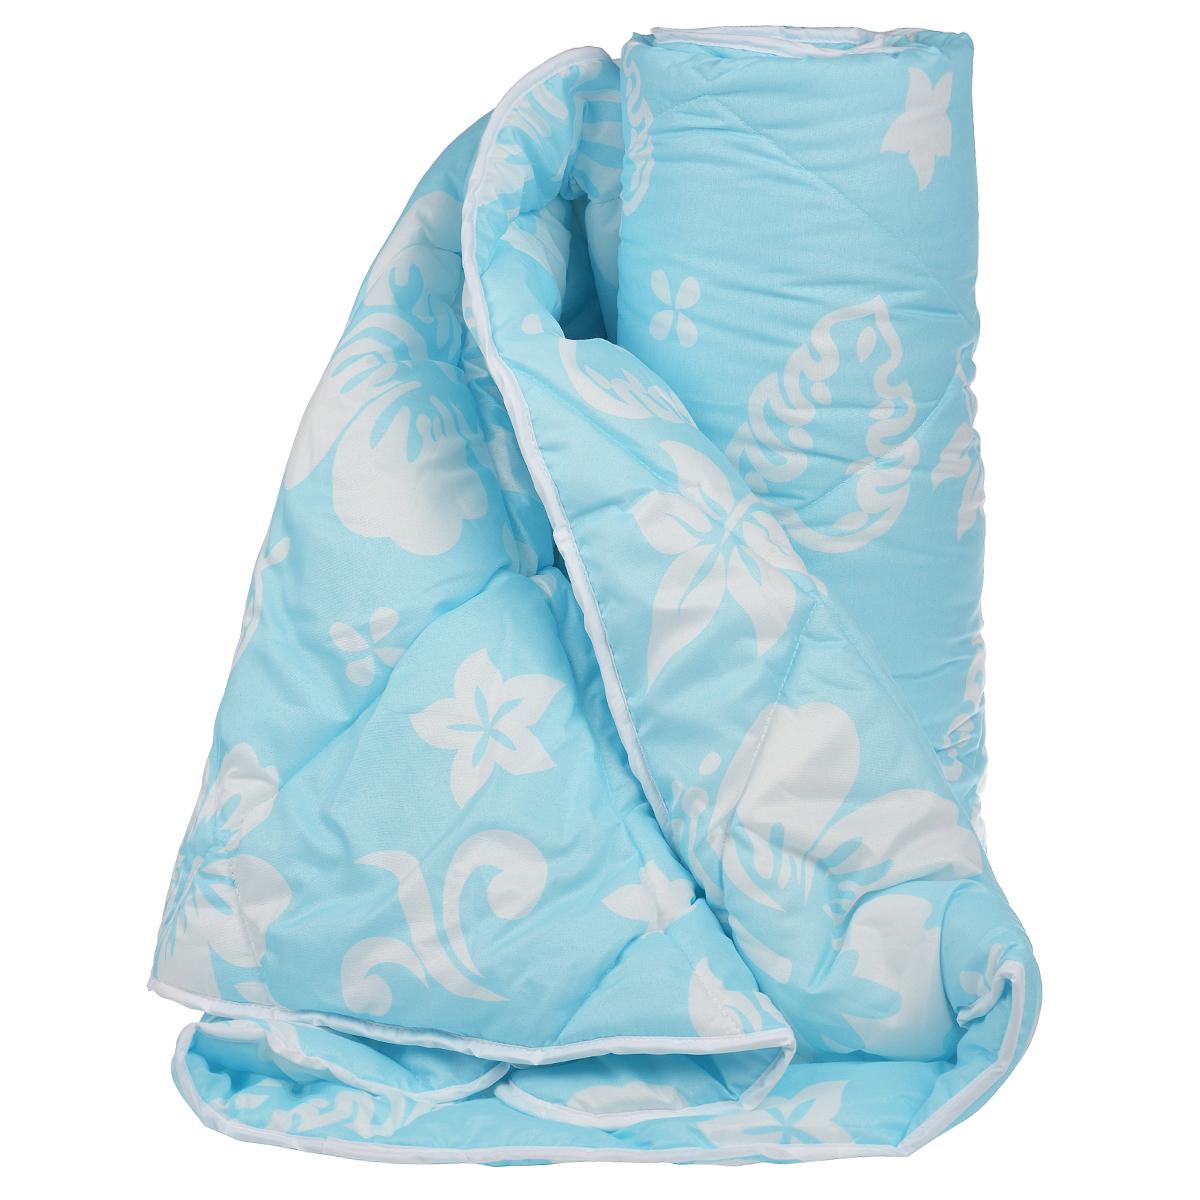 Одеяло Dargez Бомбей, наполнитель: бамбуковое волокно, цвет: голубой, белый, 140 х 205 см22(23)341Одеяло Dargez Бомбей подарит комфорт и уют во время сна. Чехол одеяла, выполненный из микрофибры, оформлен фигурной стежкой, которая надежно удерживает наполнитель внутри. Волокно на основе бамбука - инновационный наполнитель, обладающий за счет своей пористой структуры хорошей воздухонепроницаемостью и высокой гигроскопичностью, обеспечивает оптимальный уровень влажности во время сна и создает чувство прохлады в жаркие дни. Антибактериальный эффект наполнителя достигается за счет содержания в нем специального компонента, а также за счет поглощения влаги, что создает сухой микроклимат, препятствующий росту бактерий. Основные свойства волокна: - хорошая терморегуляция, - свободная циркуляция воздуха, - антибактериальные свойства, - повышенная гигроскопичность, - мягкость и легкость, - удобство в эксплуатации и легкость стирки. Рекомендации по уходу: - Стирка при температуре не более 40°С. - Запрещается...